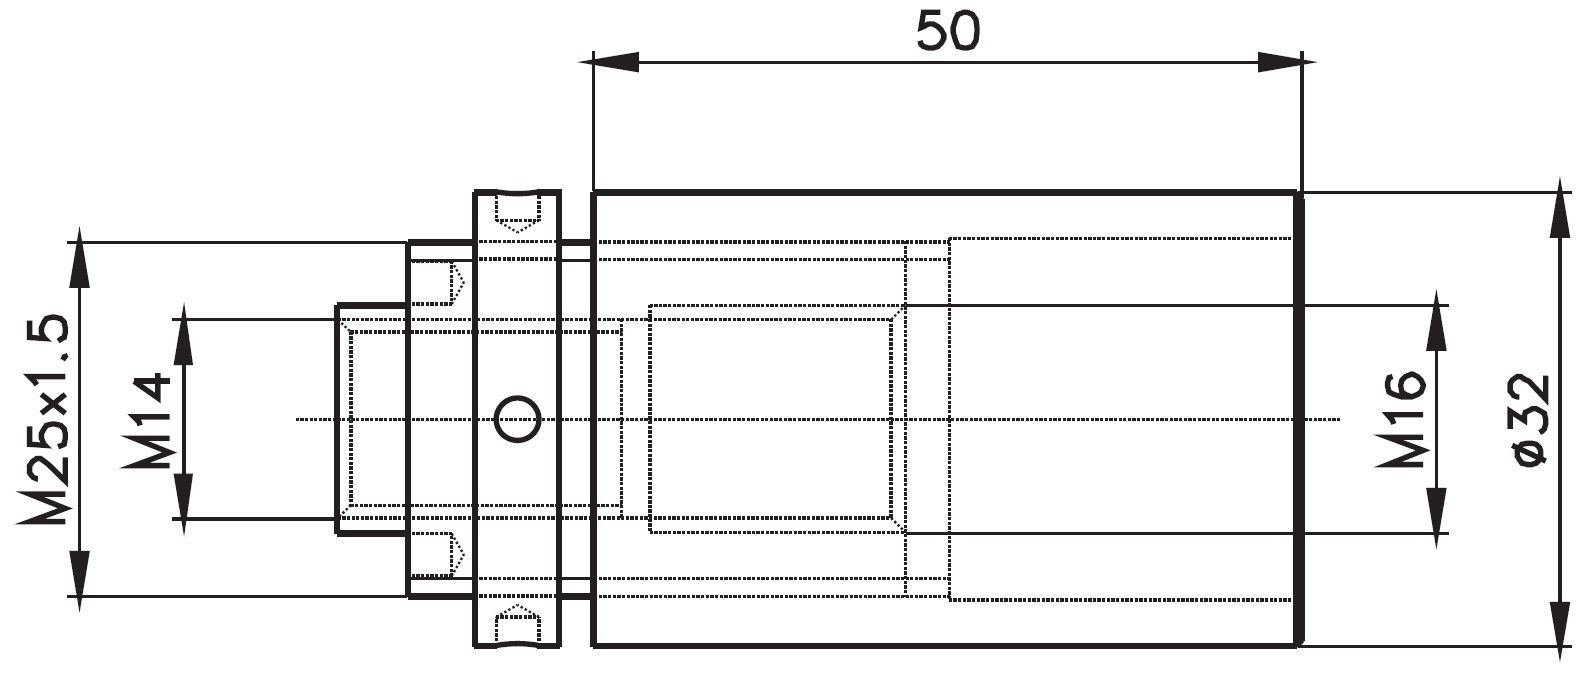 SK-32x50 / SPIDER KONNEKTÖRÜ 32x50 (30mm AYARLI) Teknik Çizim